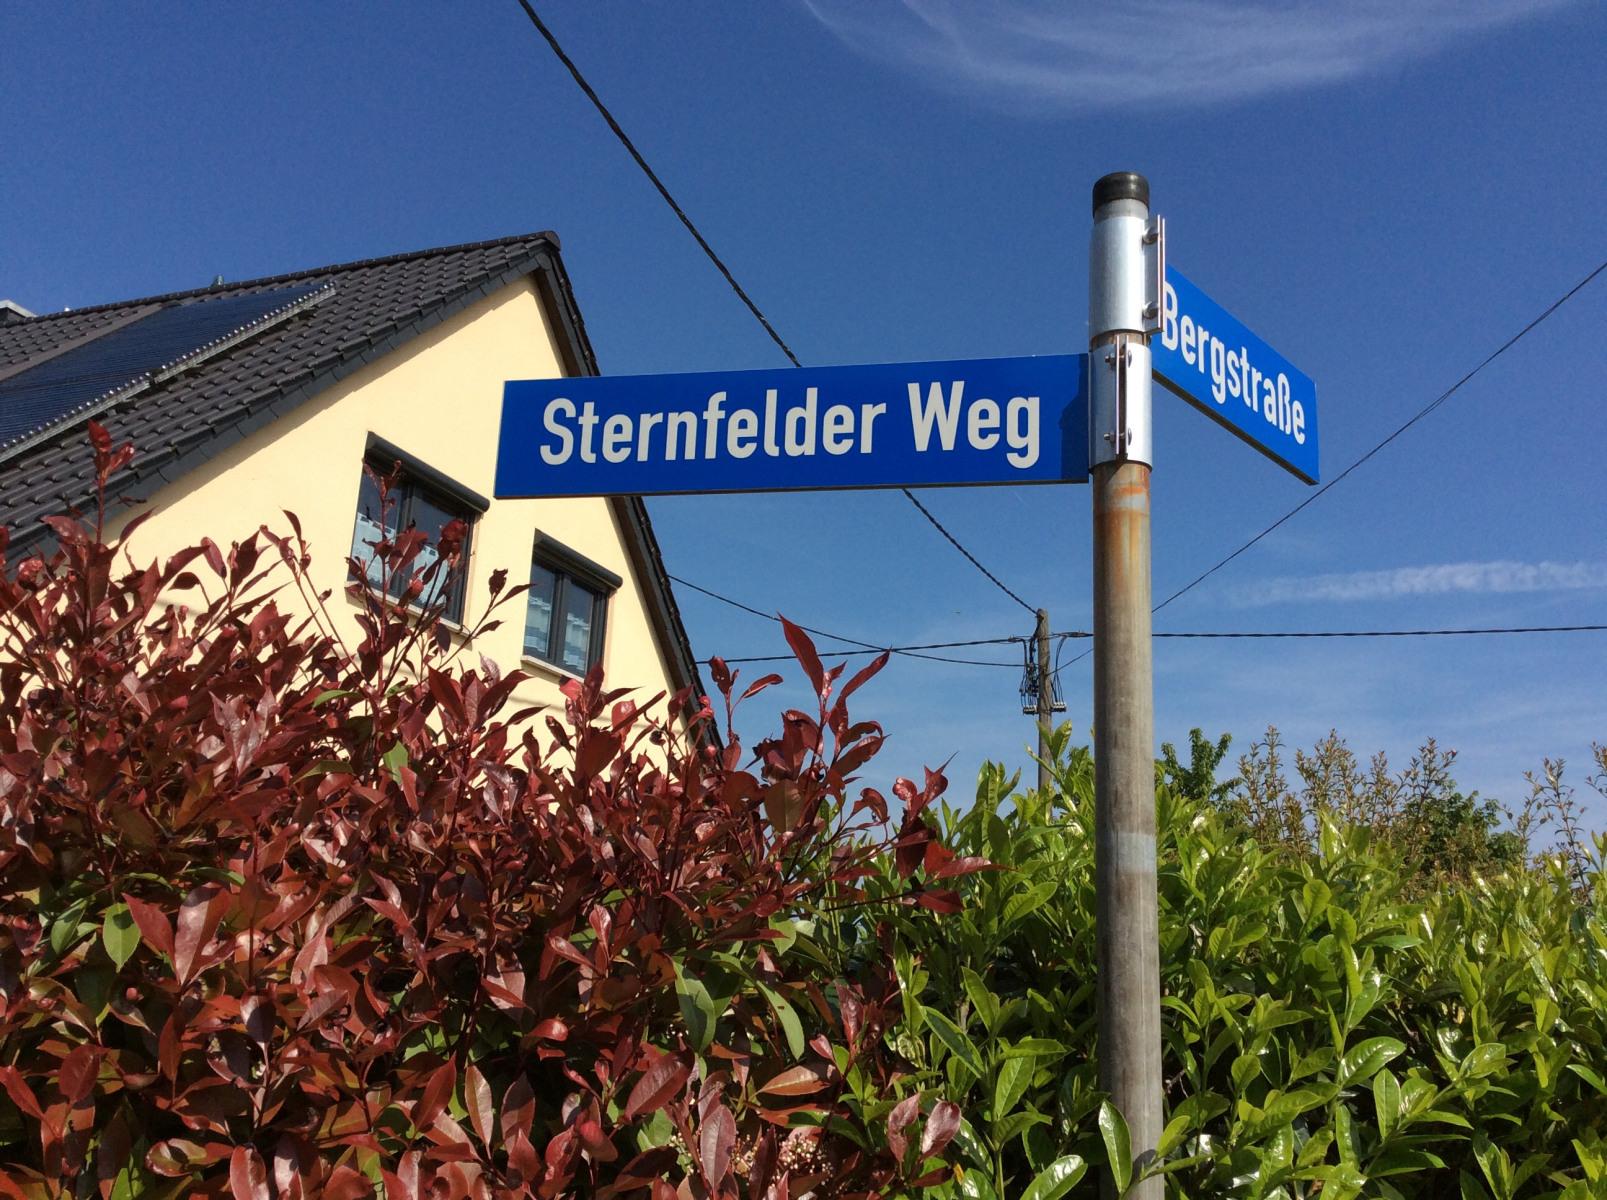 Sternfelder Weg